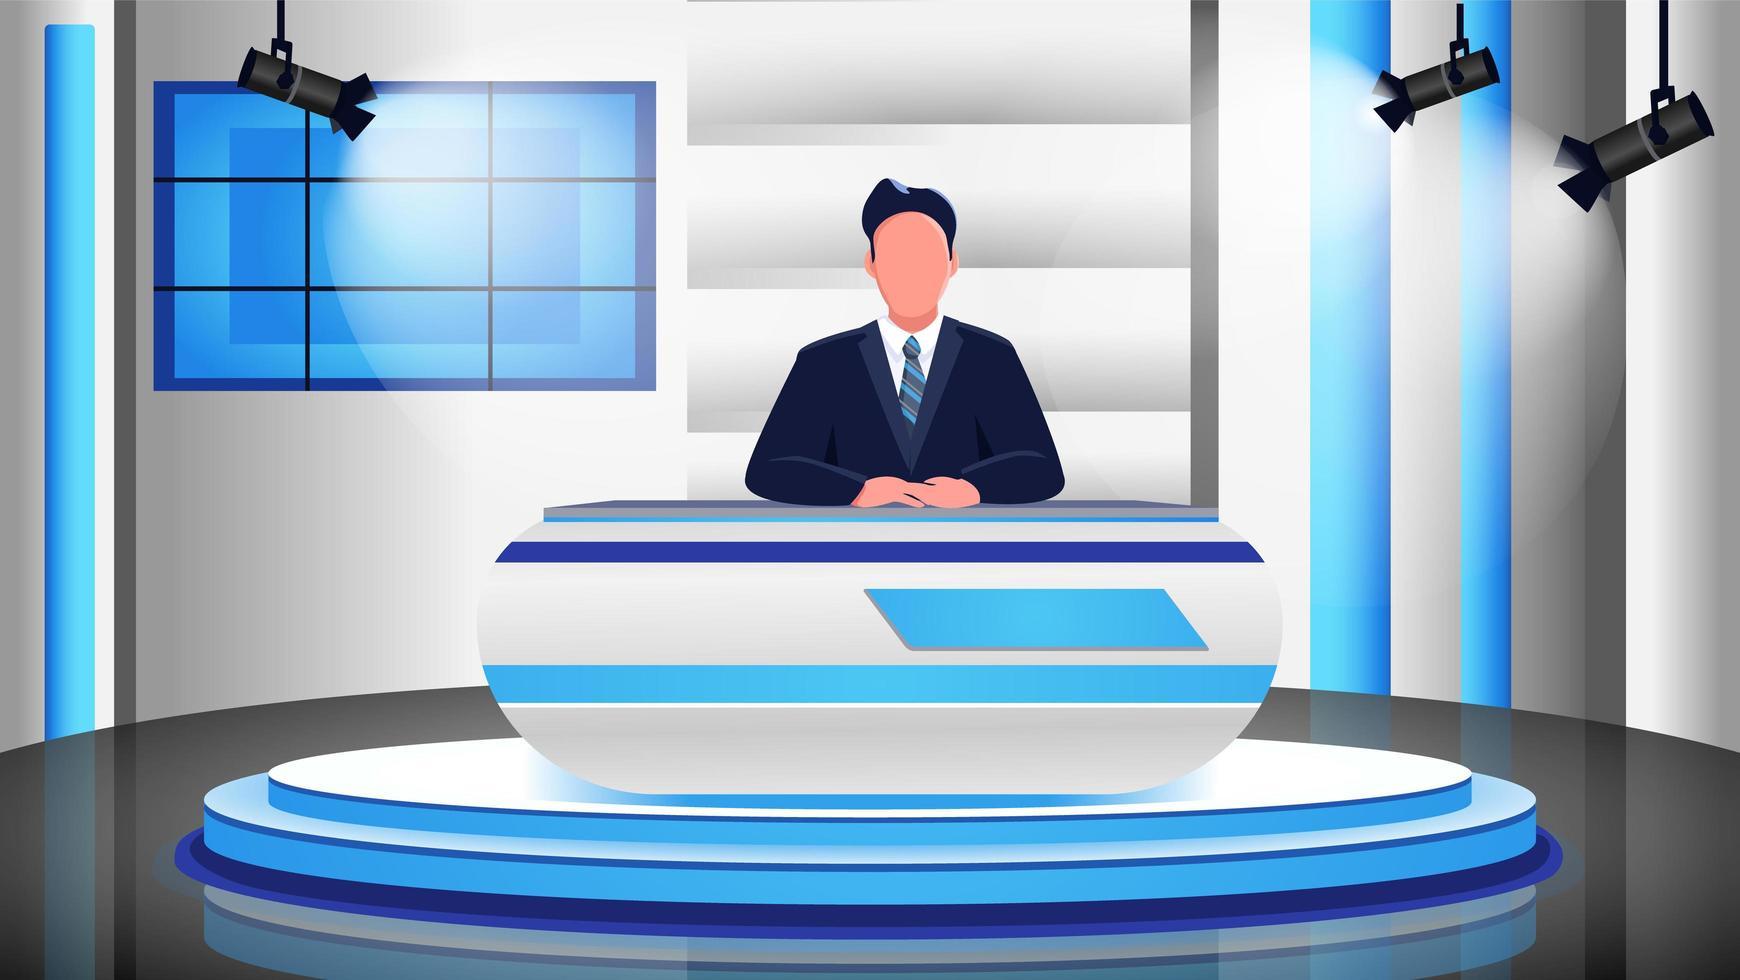 nieuwsprogramma scene vector